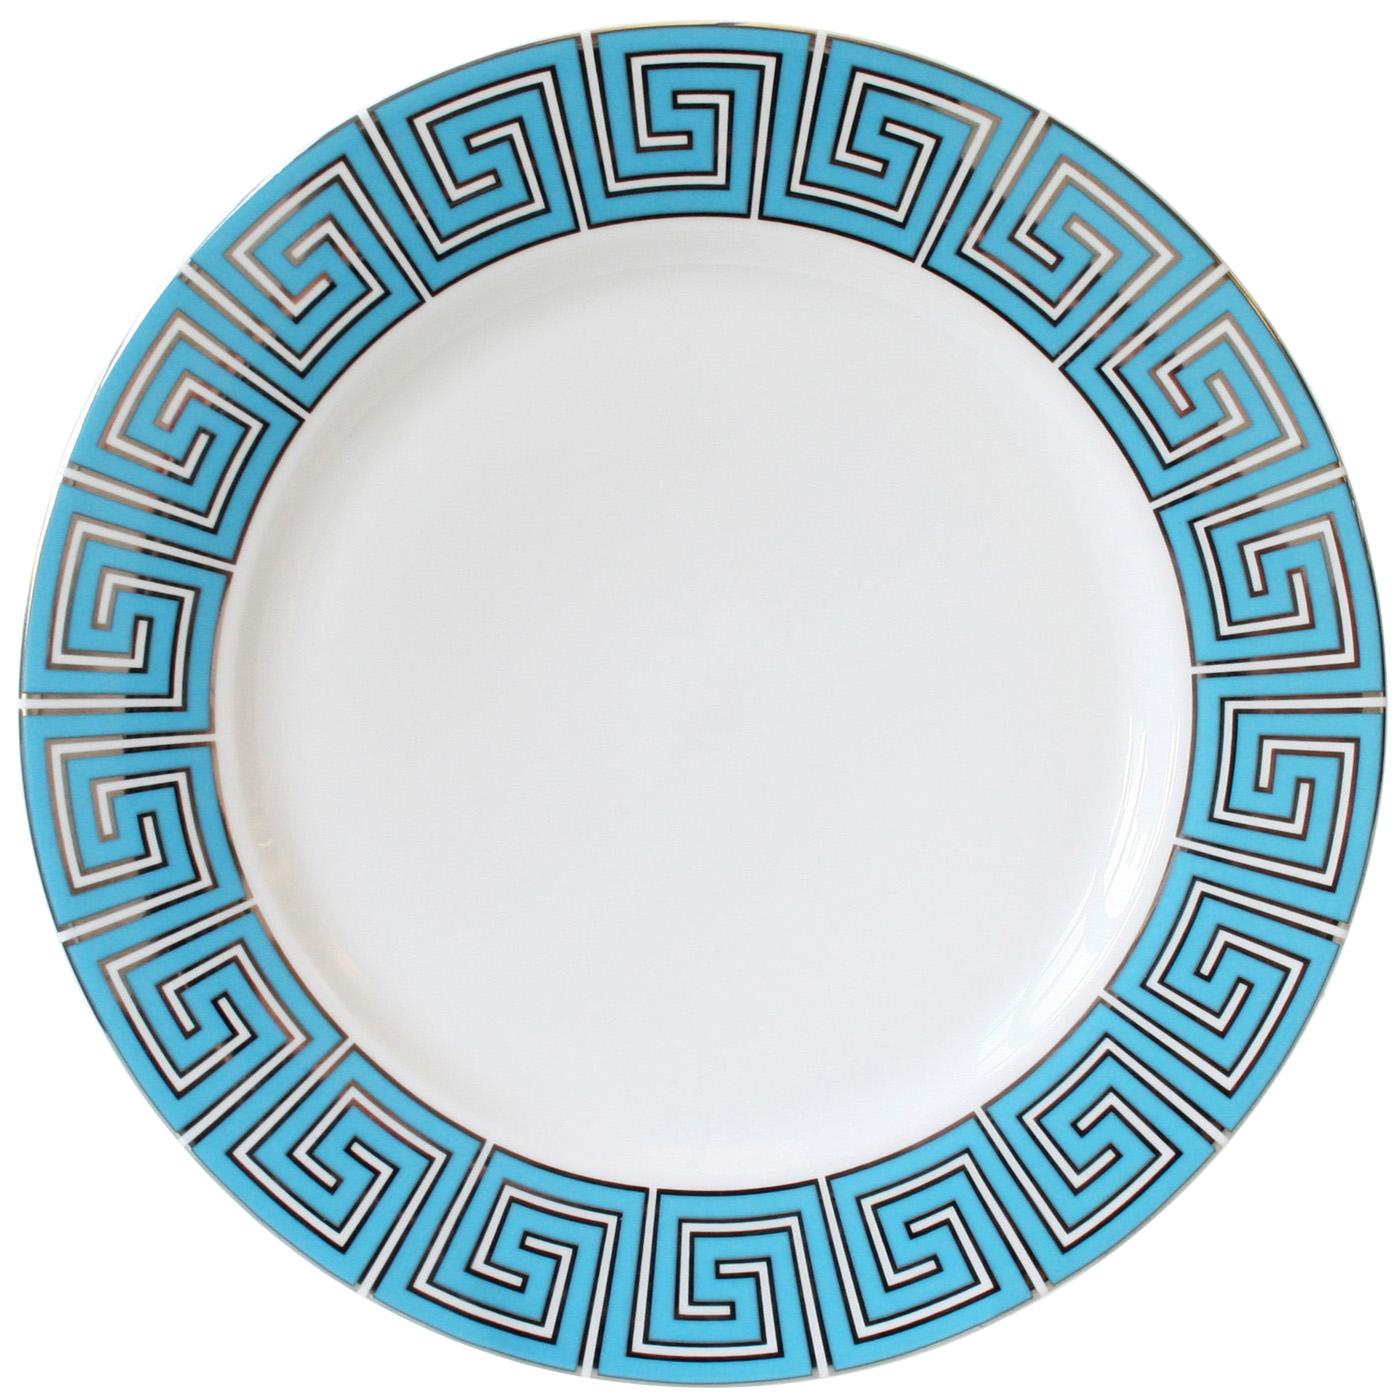 1400x1400 Modern Tableware Greek Key Dinner Plate Jonathan Adler